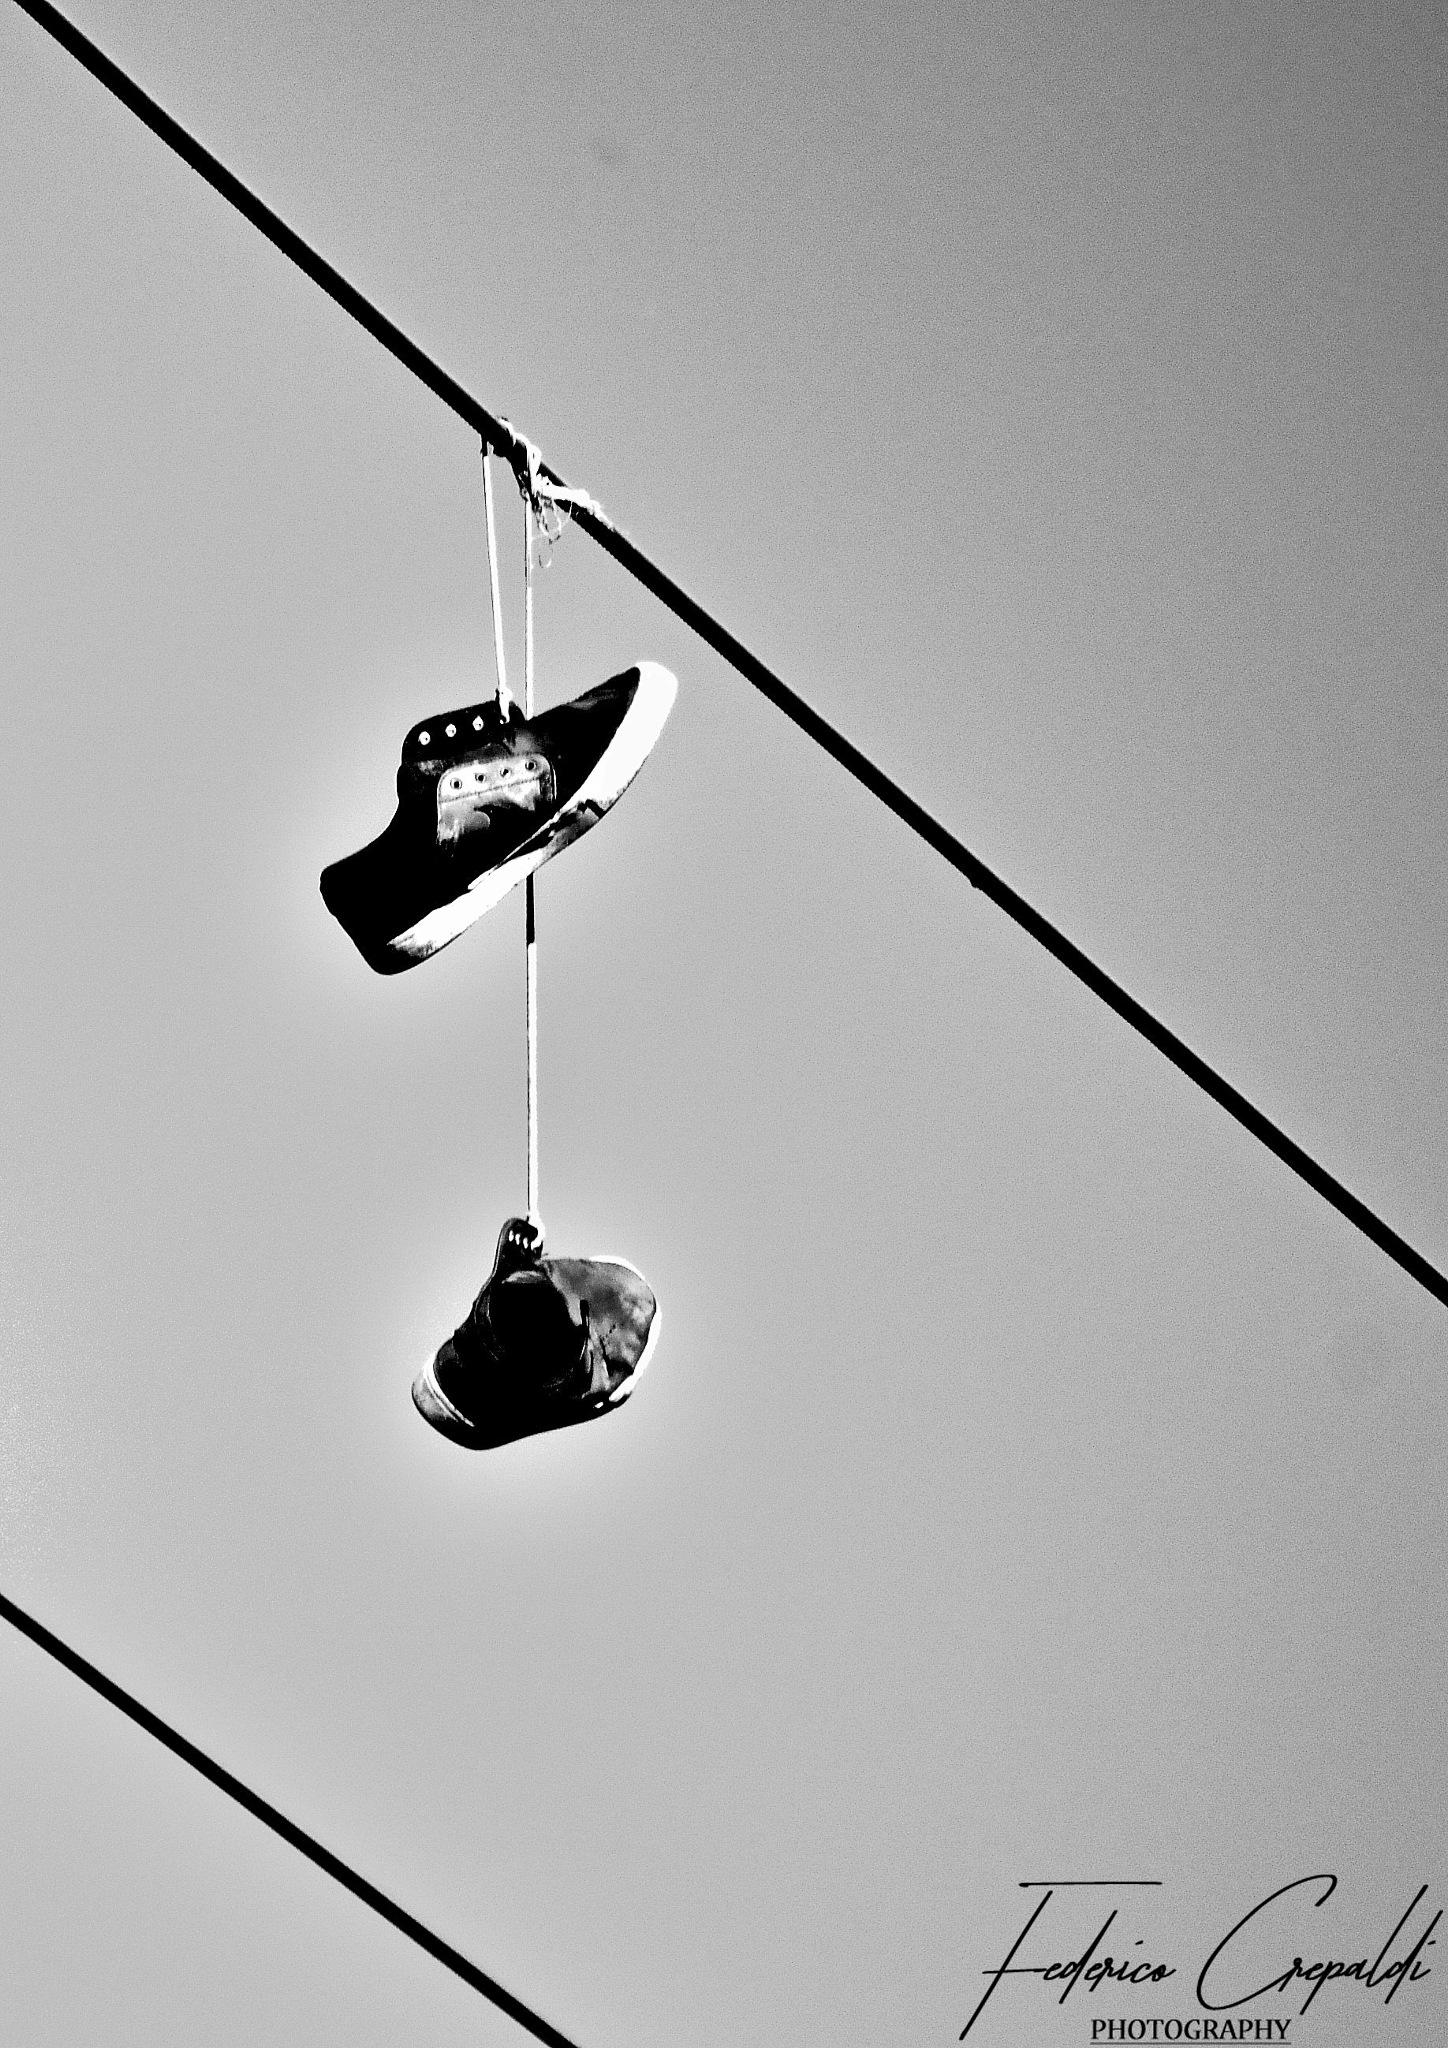 Walkin' on air by Federico Crepaldi